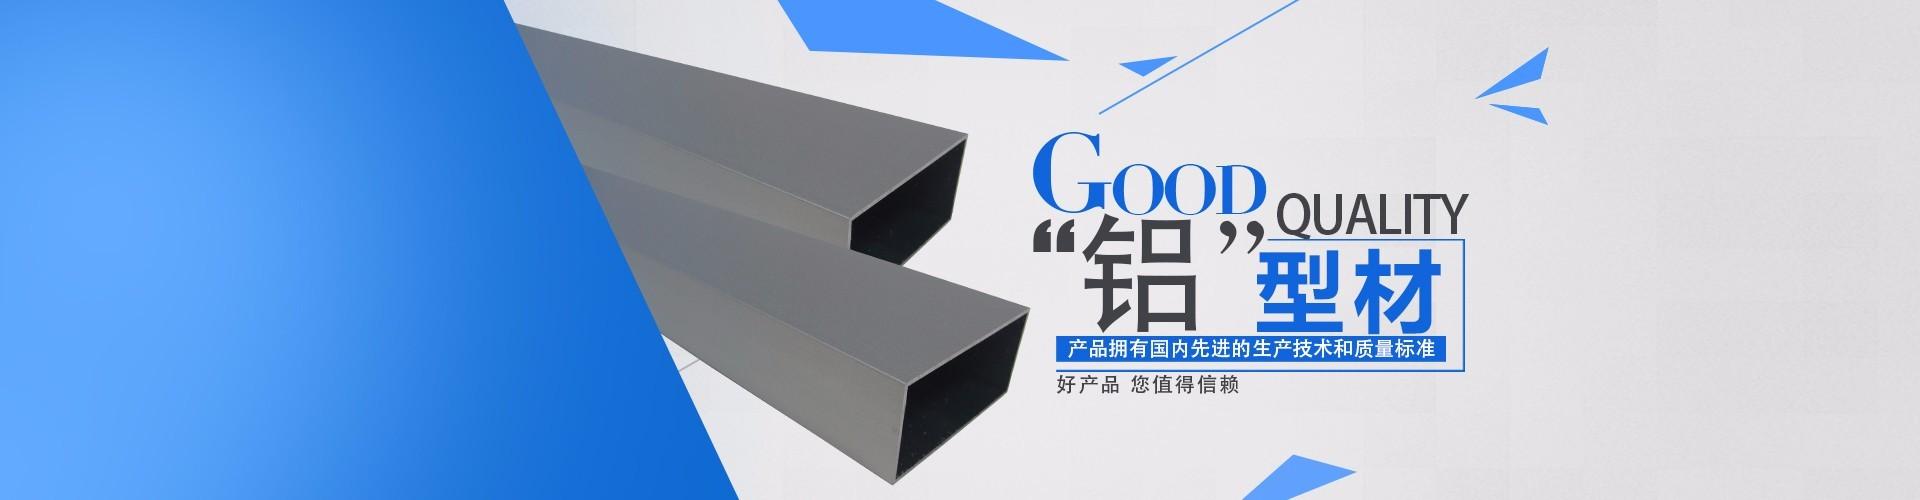 铝型材横幅